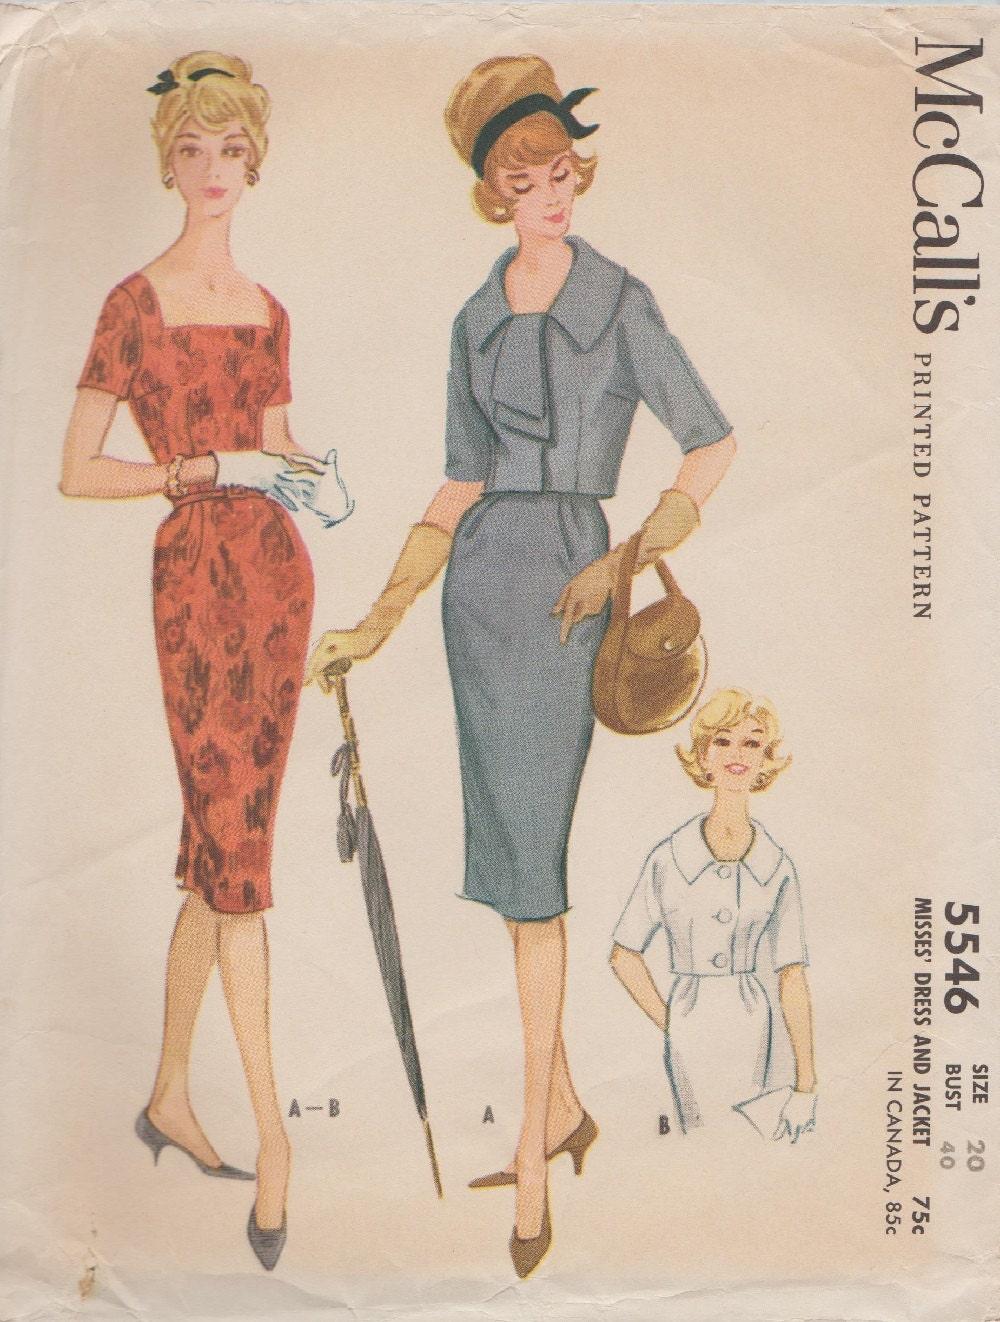 Schnittmuster McCalls 5546 / Vintage 60er Jahre / Kleid und